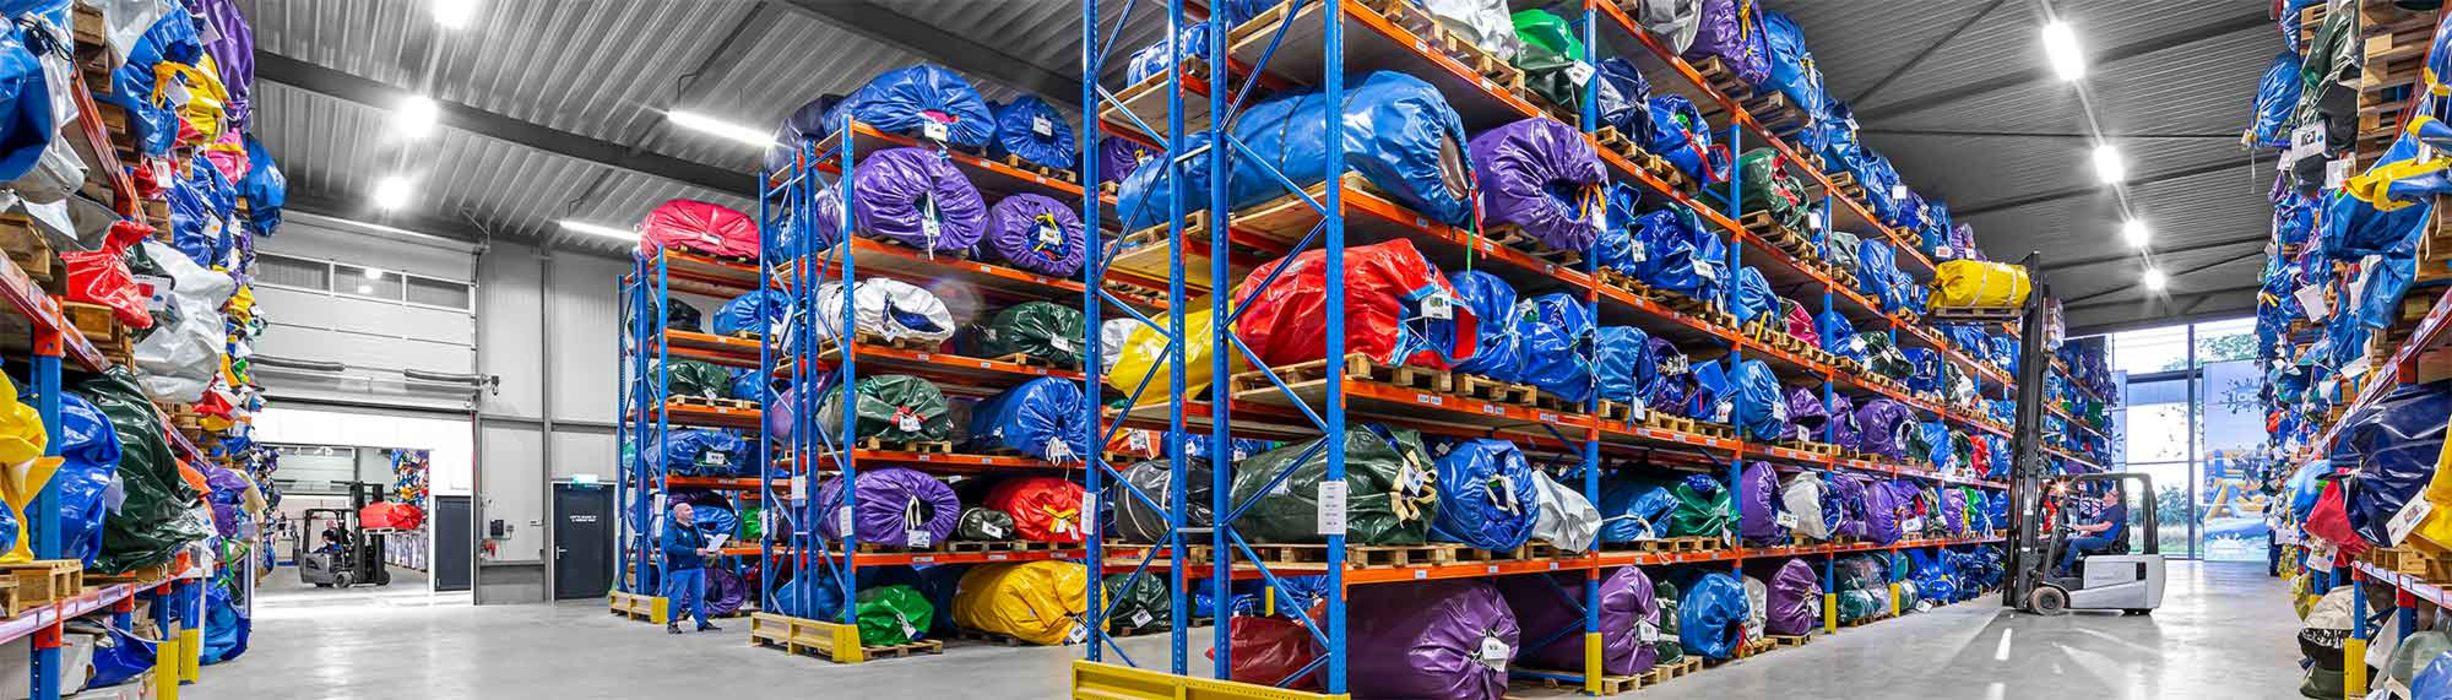 Dé Springkussen Fabrikant van Nederland. Bestel alle inflatables online